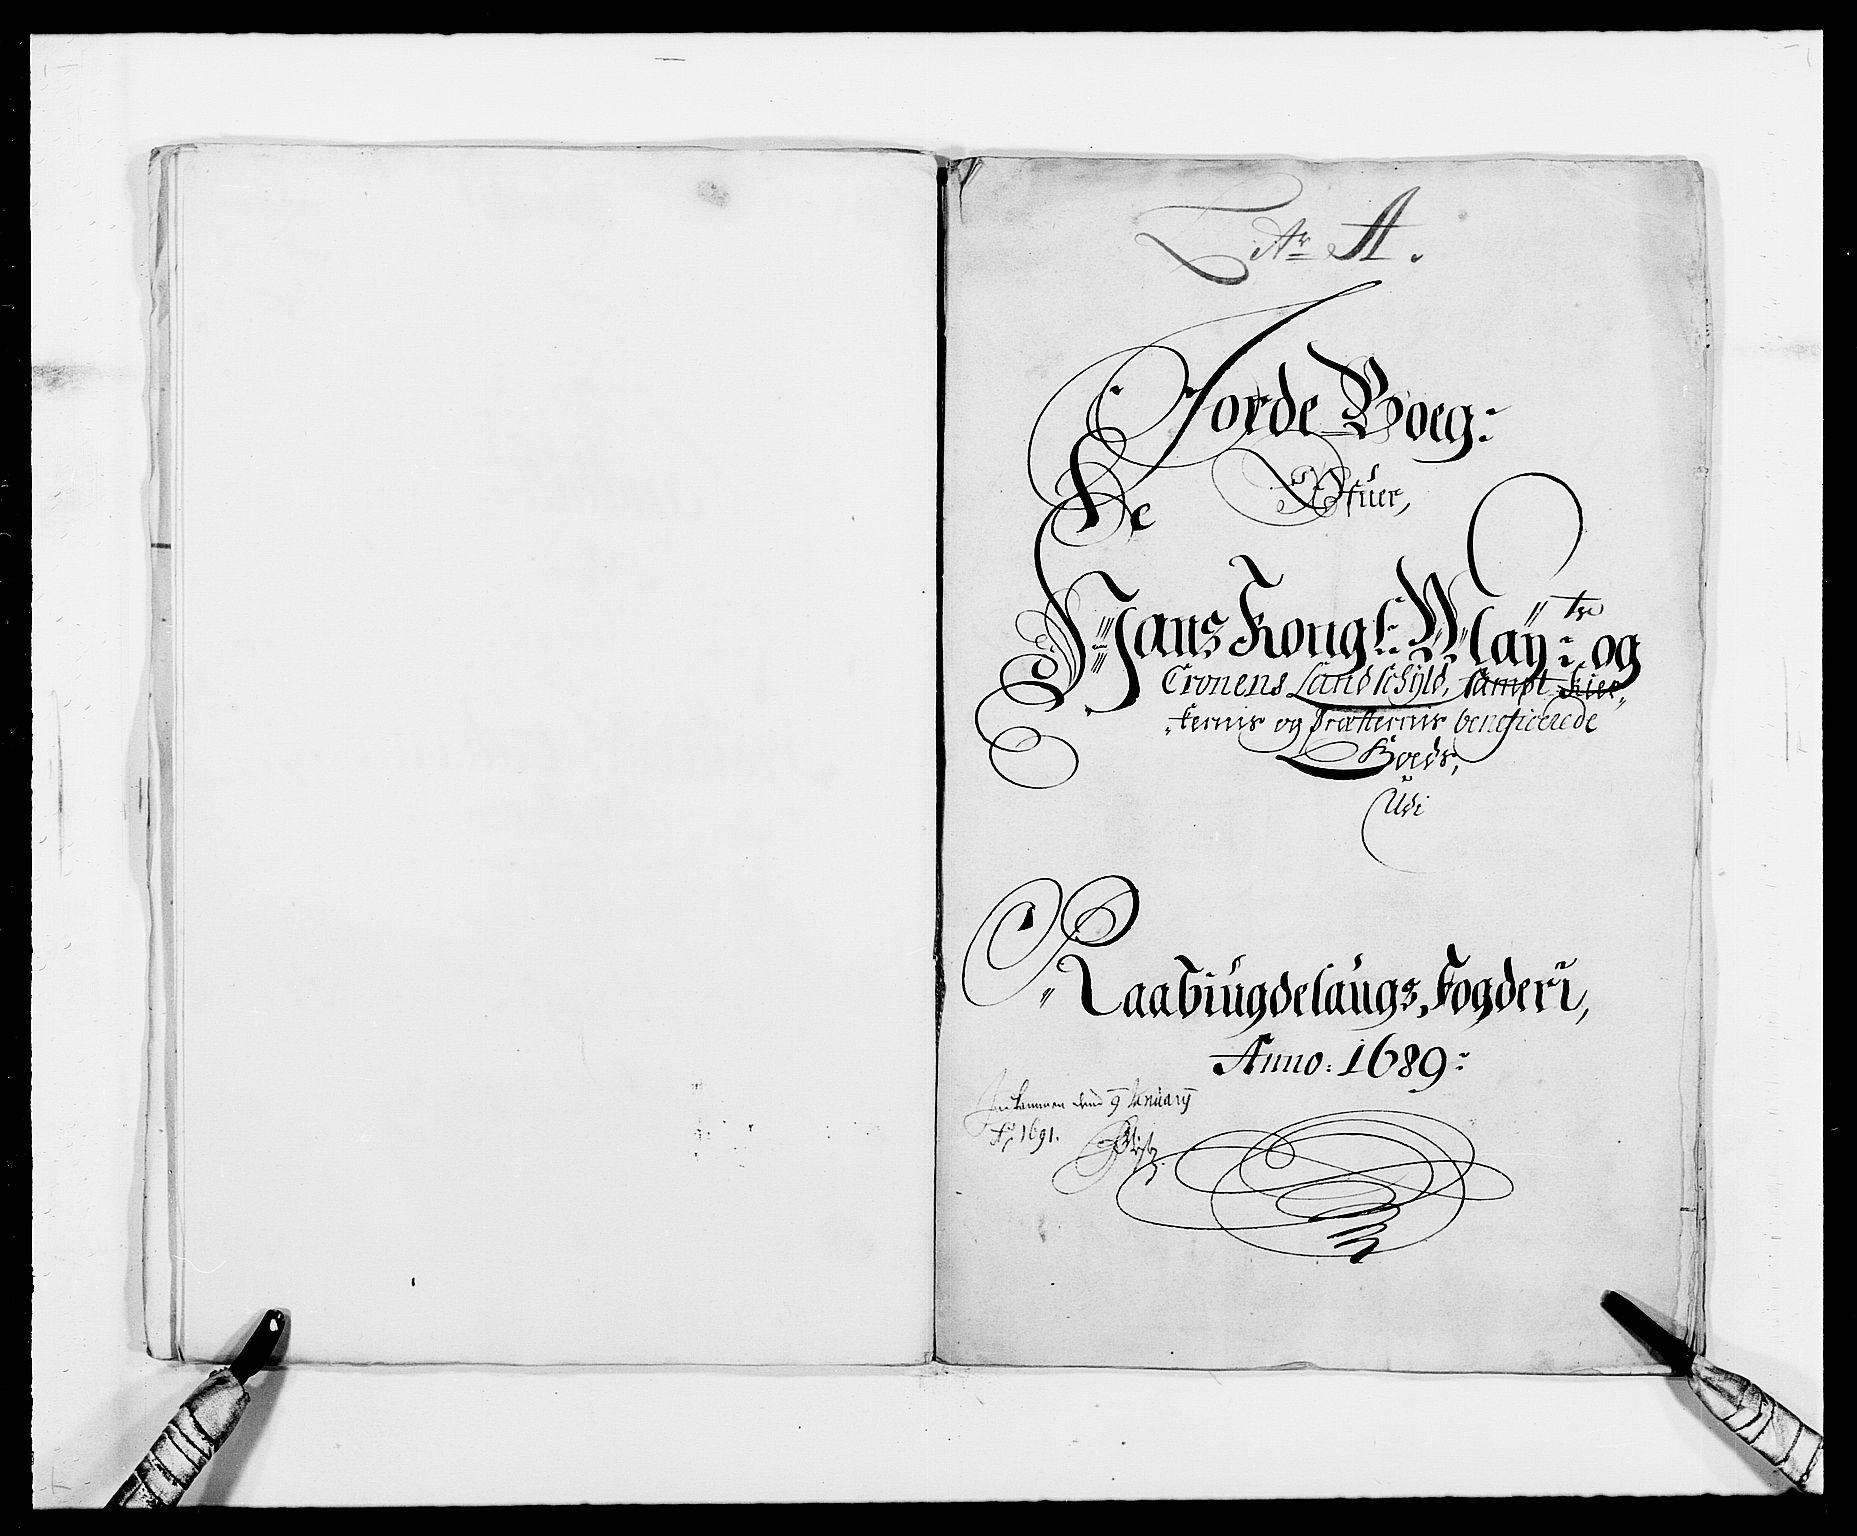 RA, Rentekammeret inntil 1814, Reviderte regnskaper, Fogderegnskap, R40/L2442: Fogderegnskap Råbyggelag, 1689-1690, s. 23